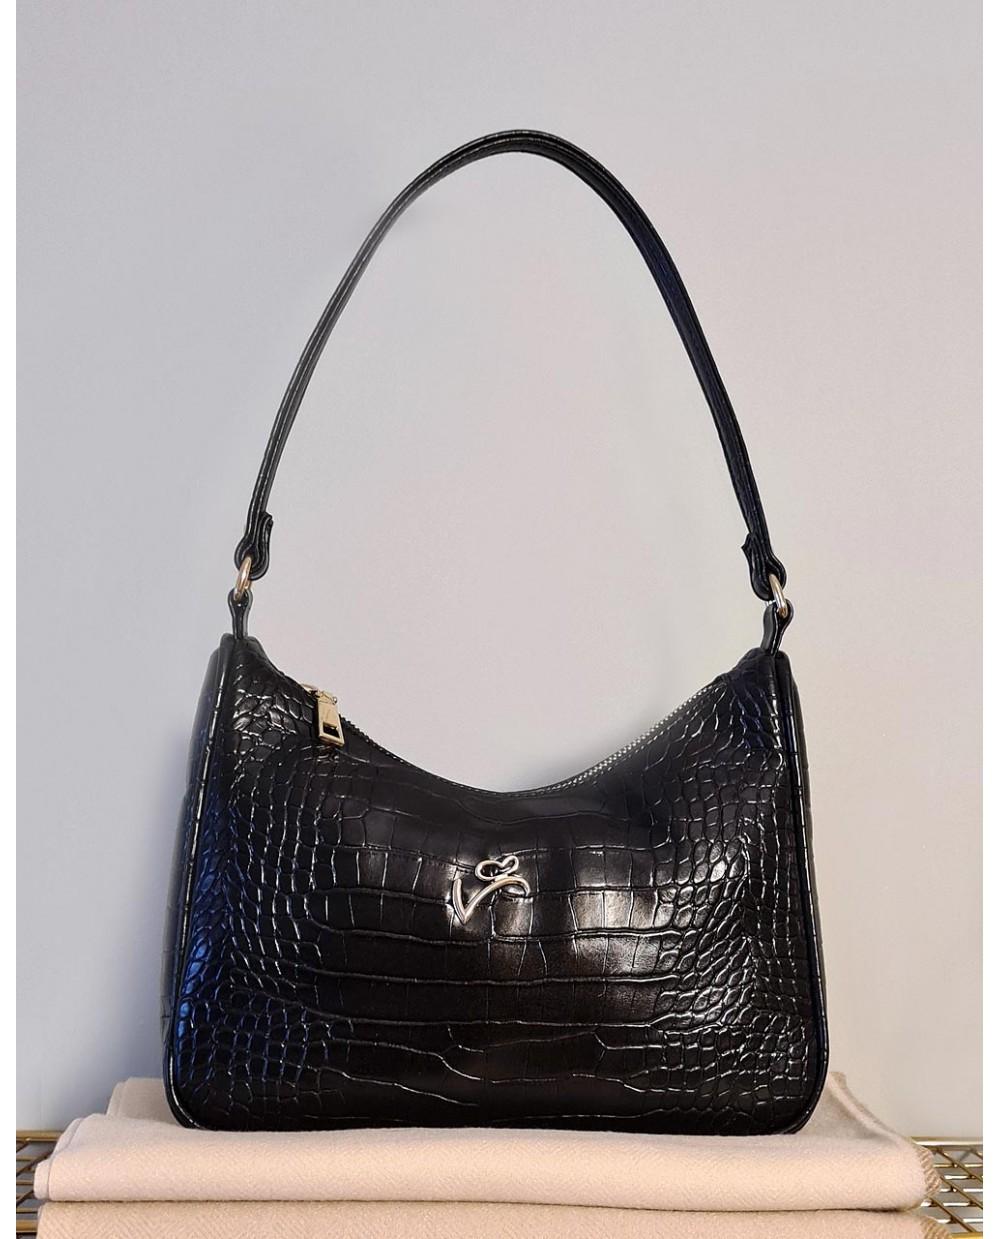 SHOULDER BAG 5122